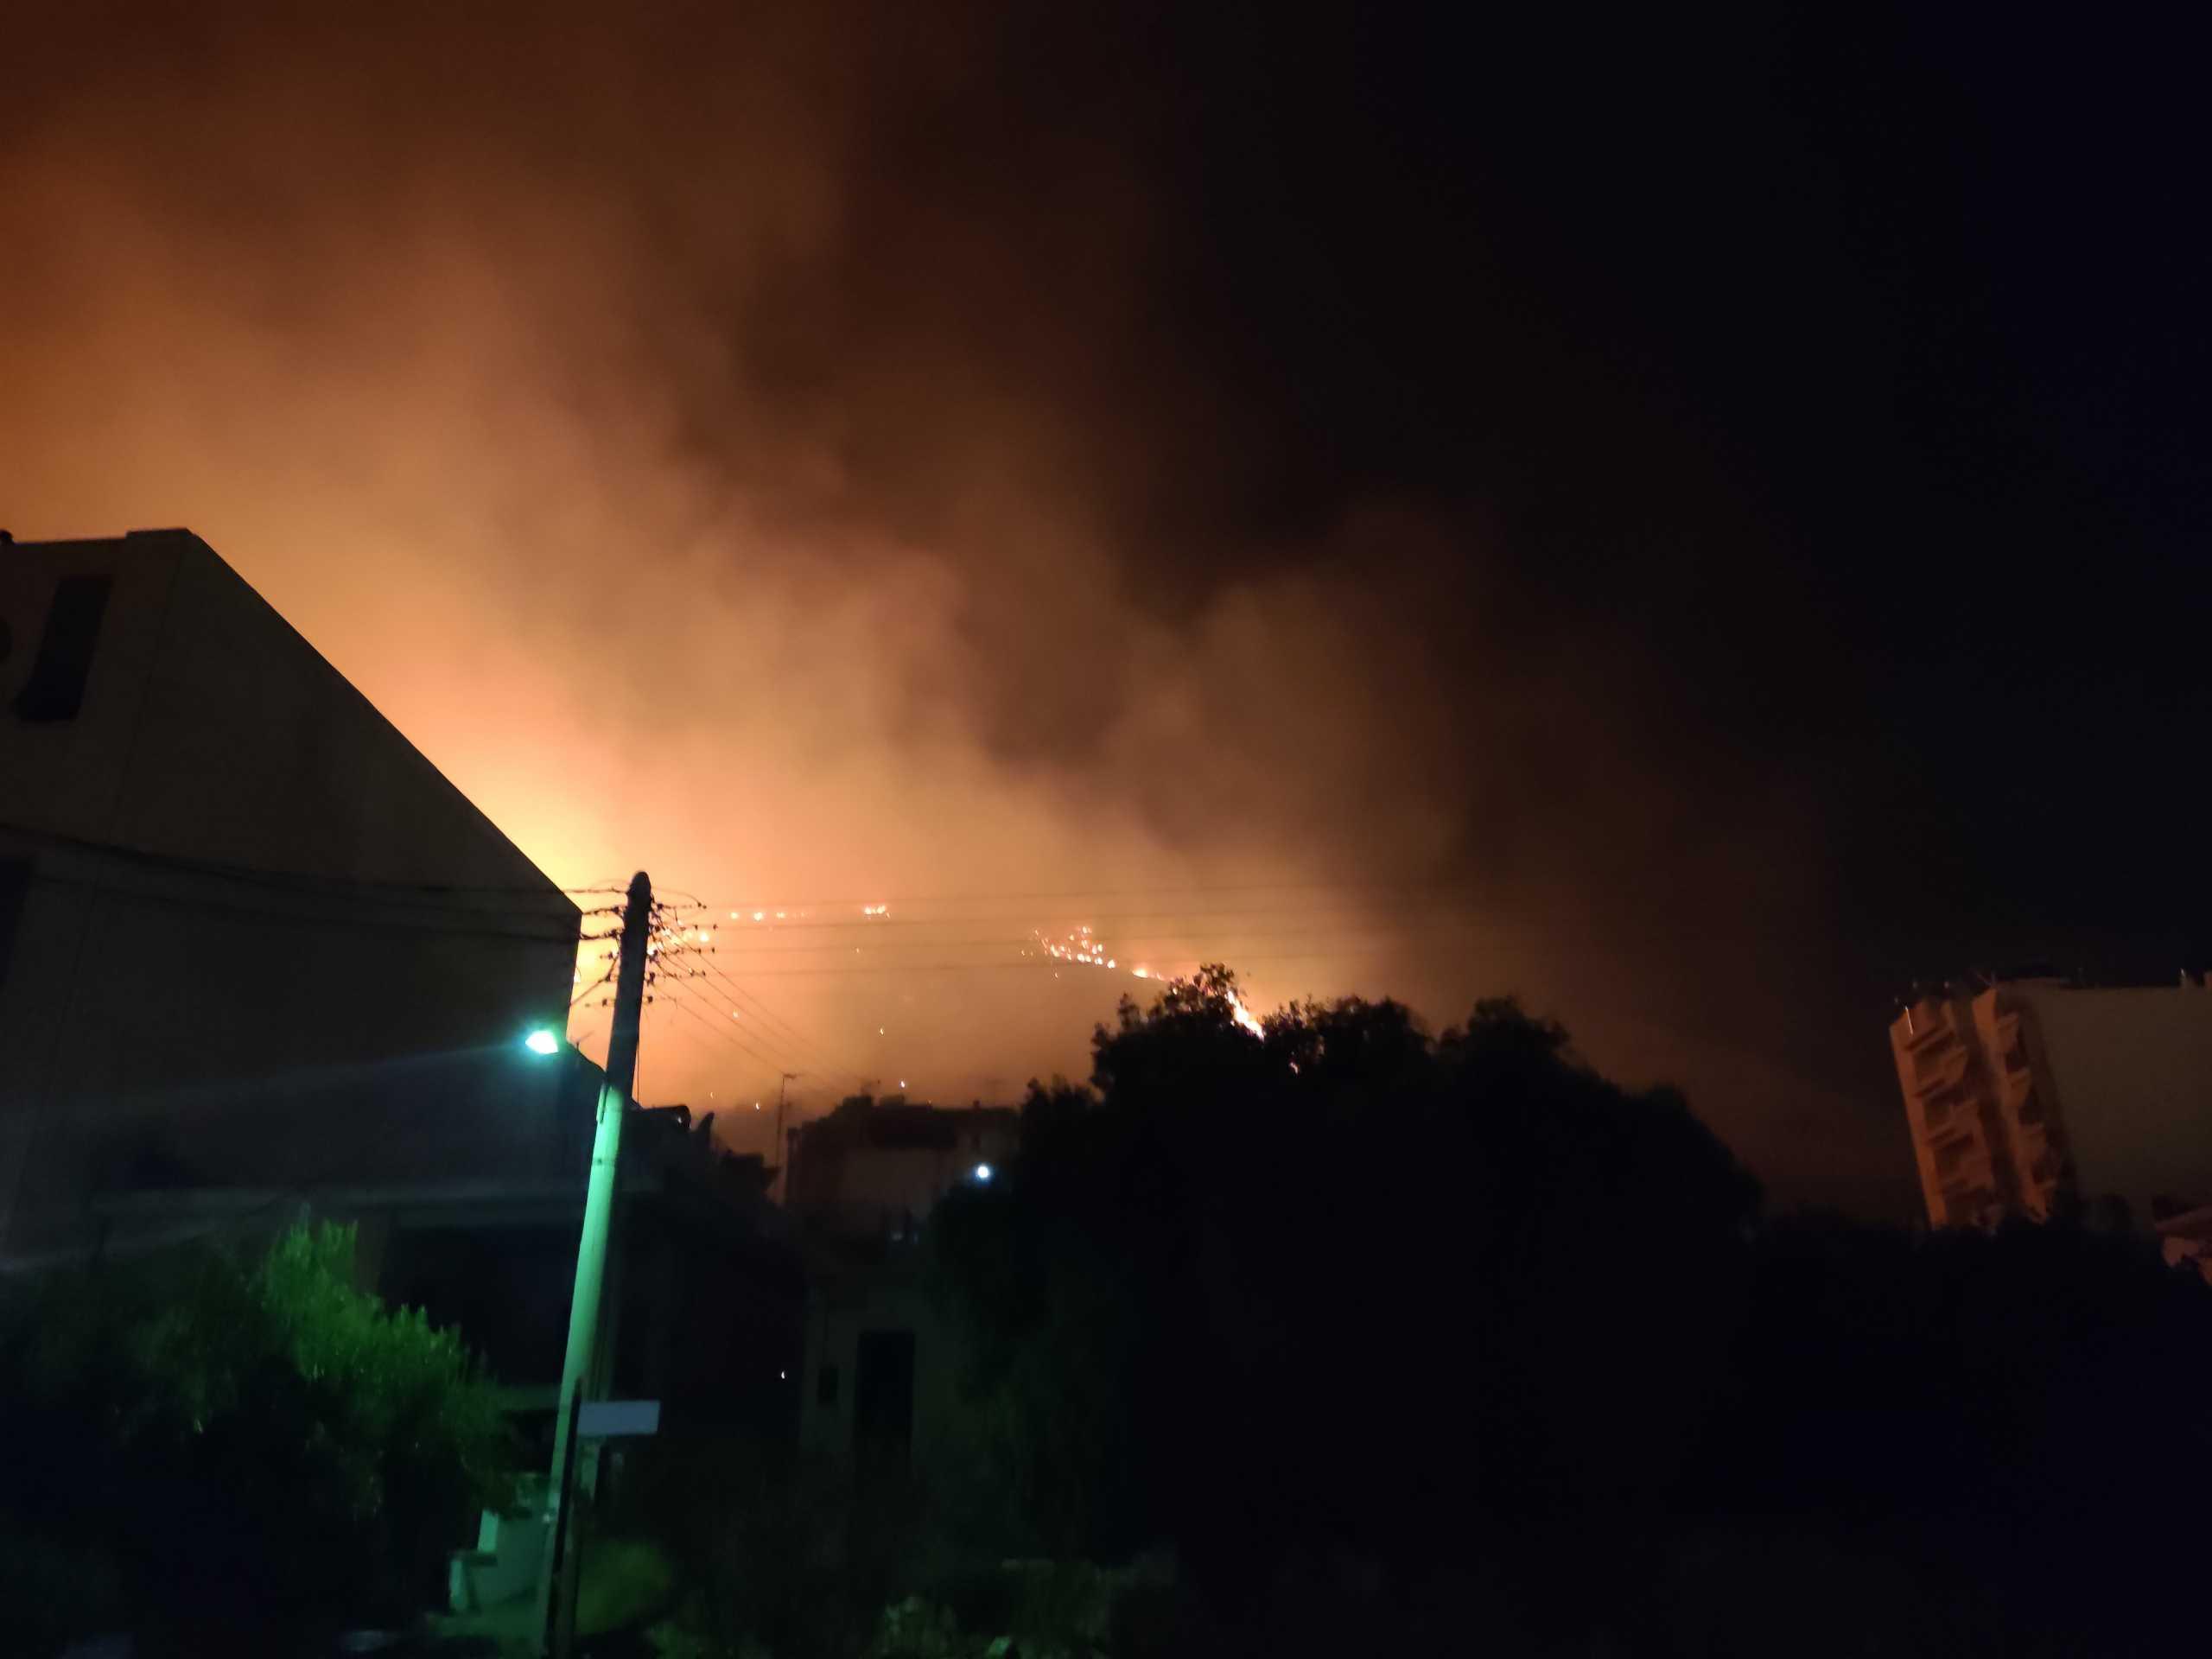 Φωτιά στο Νέο Ικόνιο στο Πέραμα